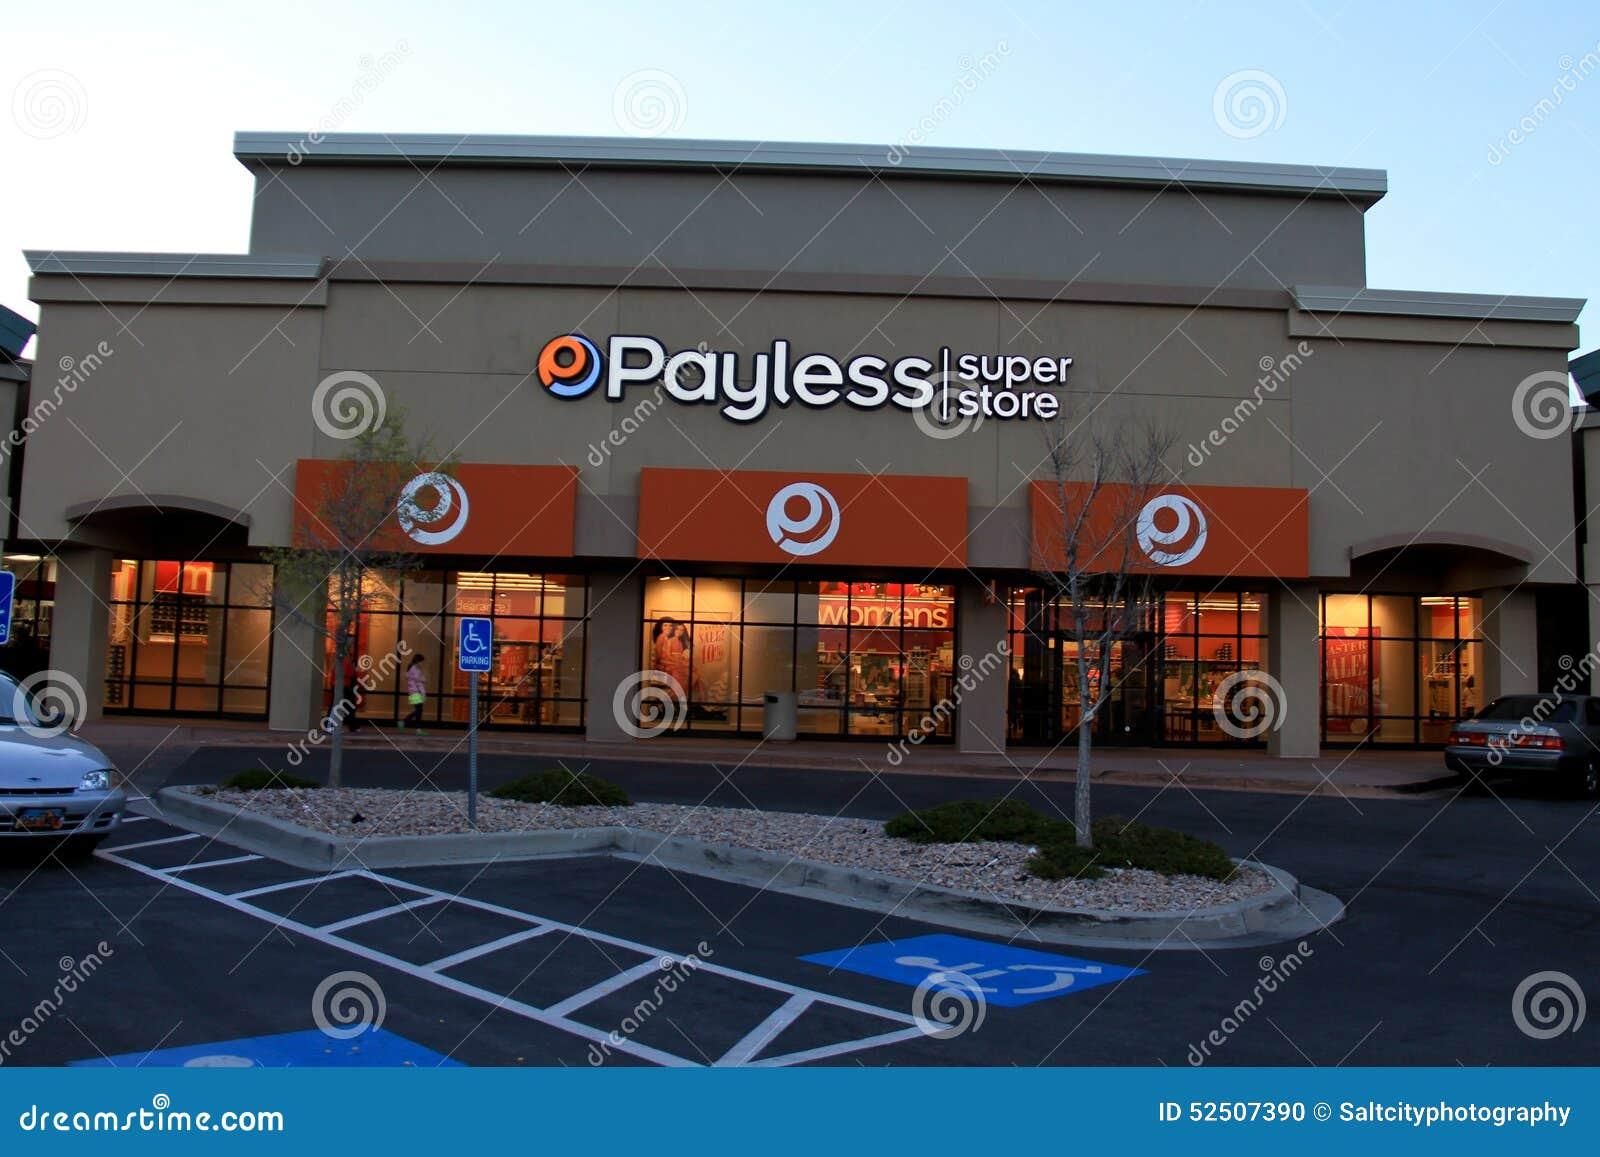 Payless Shoes In West Jordan Utah